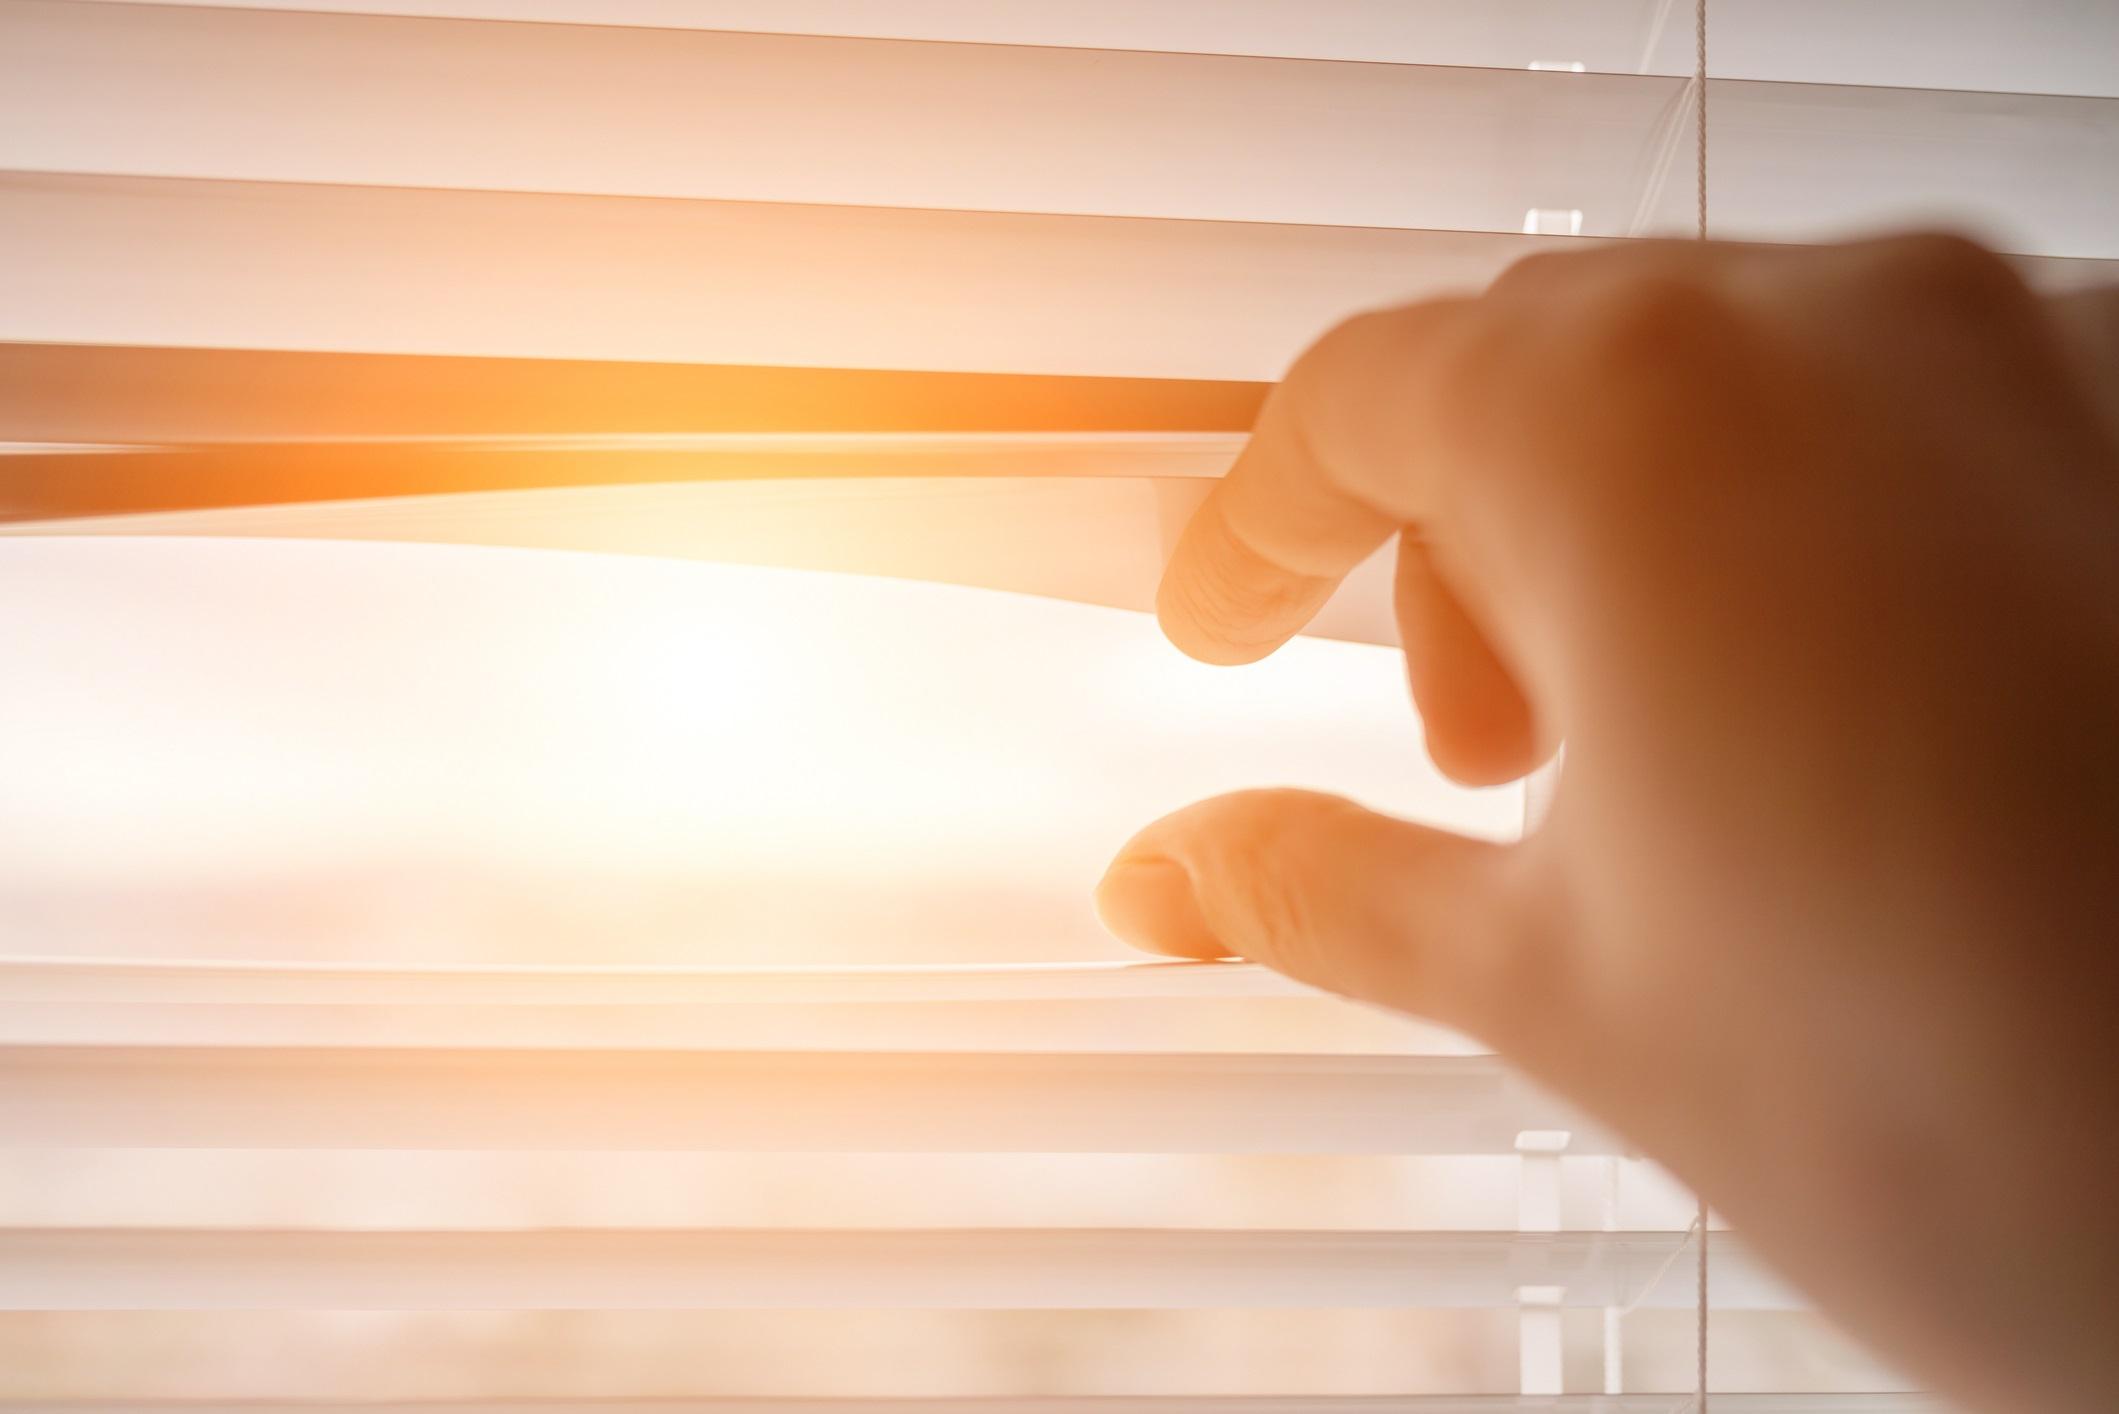 <p><strong>Държите щорите или завесите затворени</strong></p>  <p>Разбира се ние трябва да сме физически изолирани, но не е настъпил зомби апокалипсис и не е нужно да заковавате прозорците. Слънчевата светлина е важна за вашето физическо и психическо благополучие и повишава серотонина, хормона на щастието.</p>